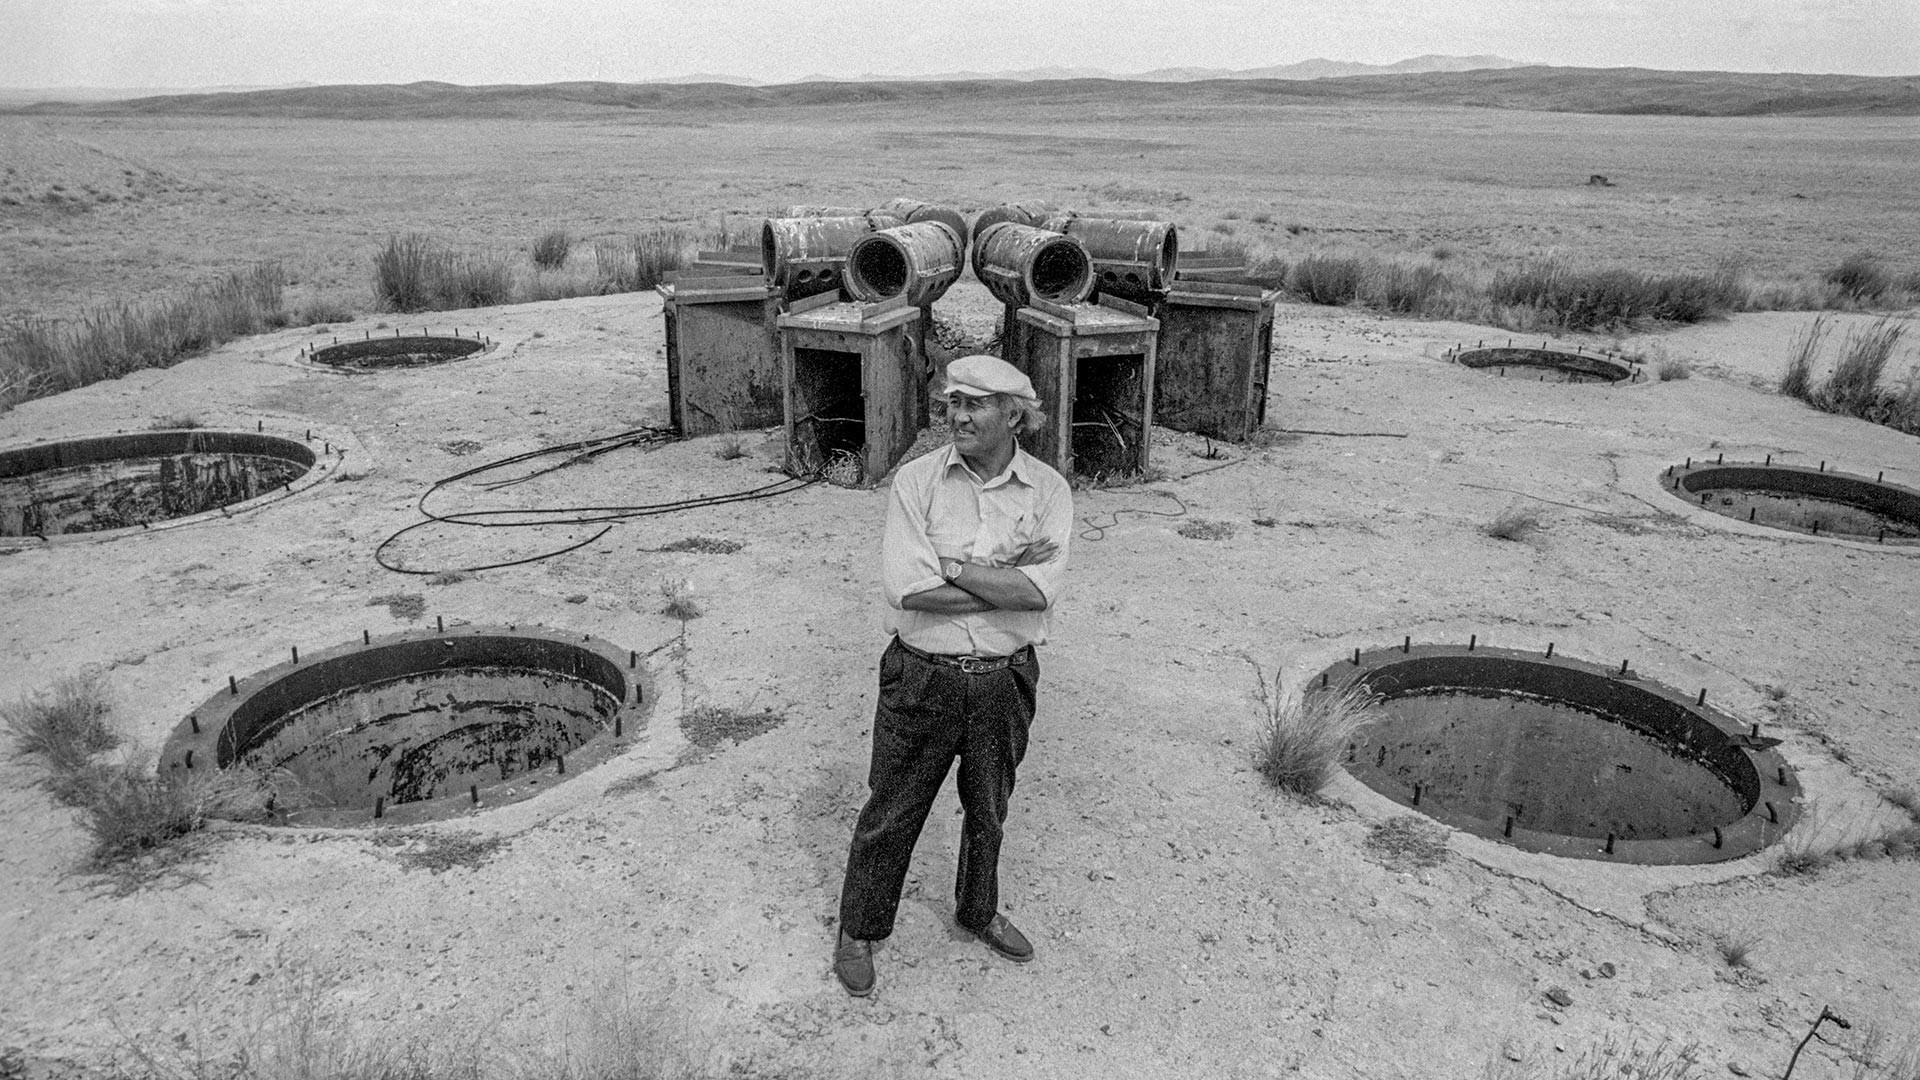 Местен жител в една от изоставените мини, където са провеждани ядрени изпитания